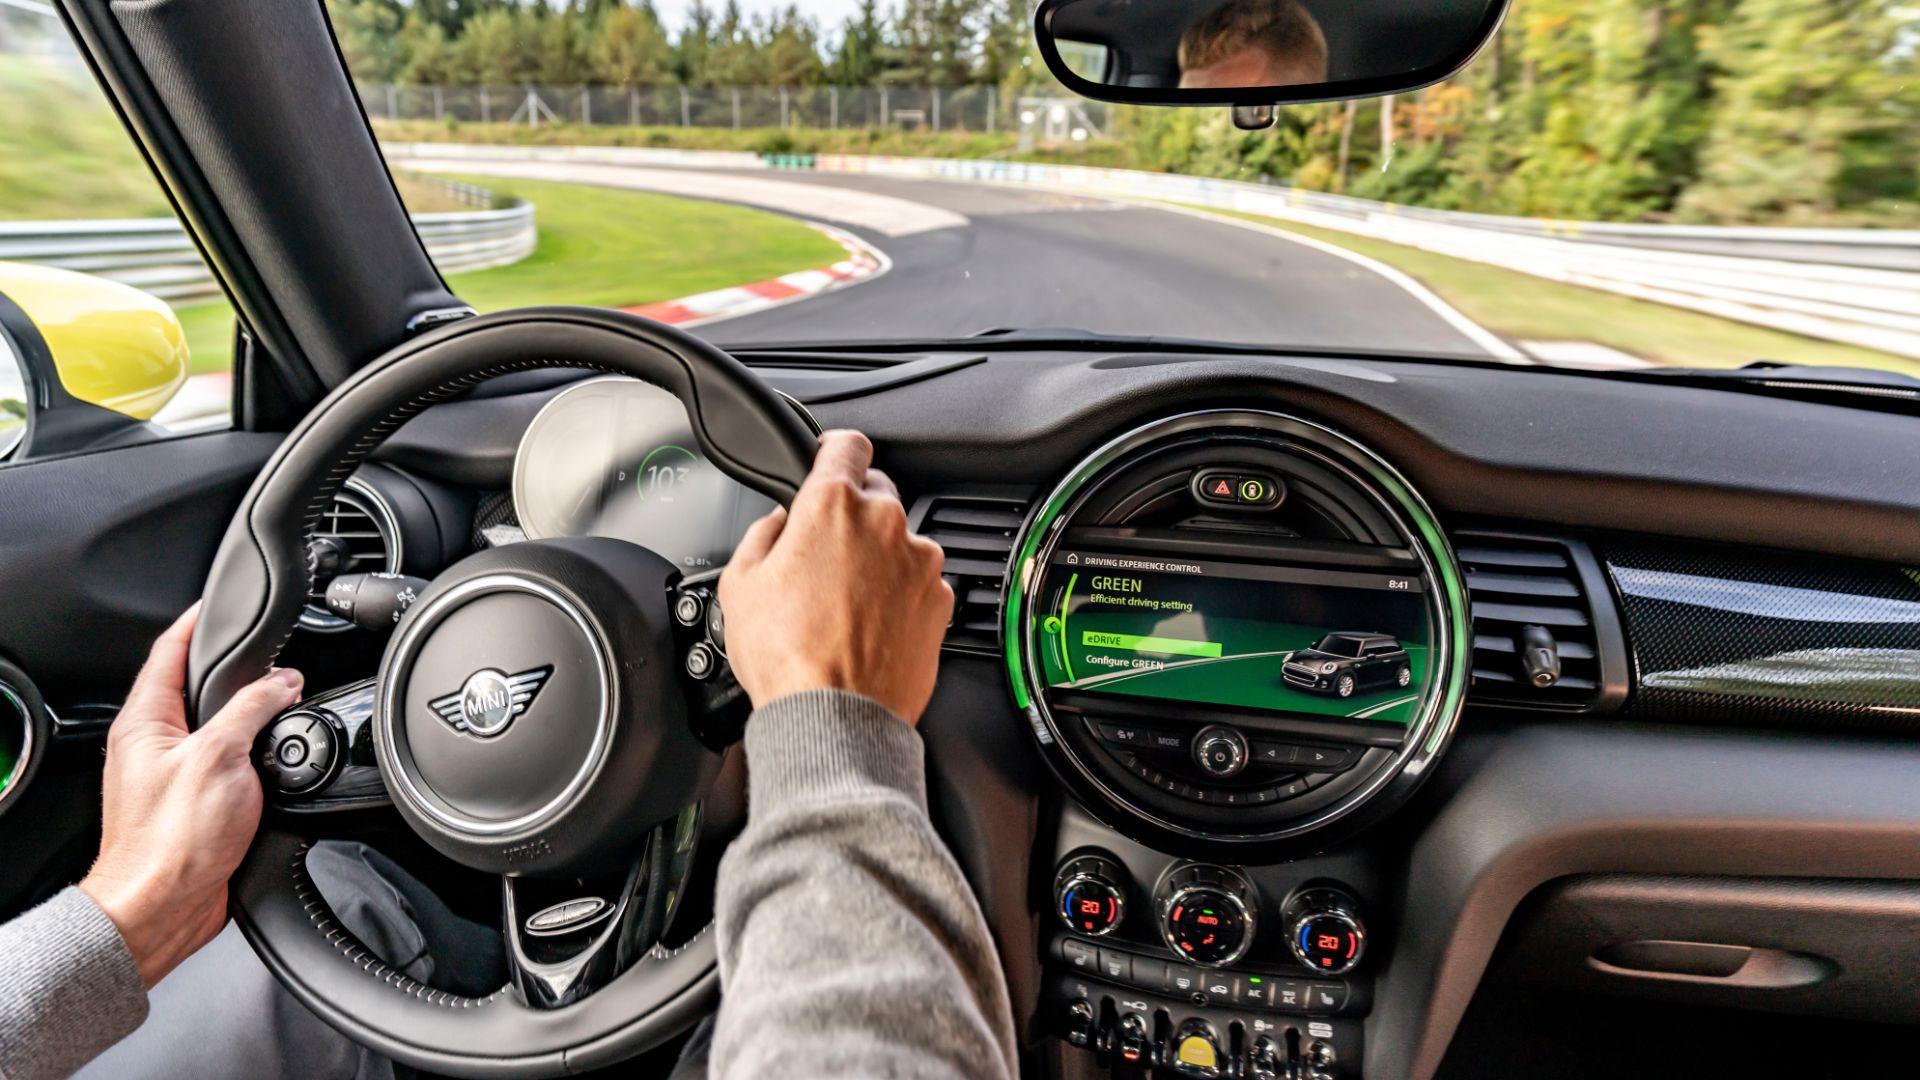 Electric Mini laps the Nurburgring without braking